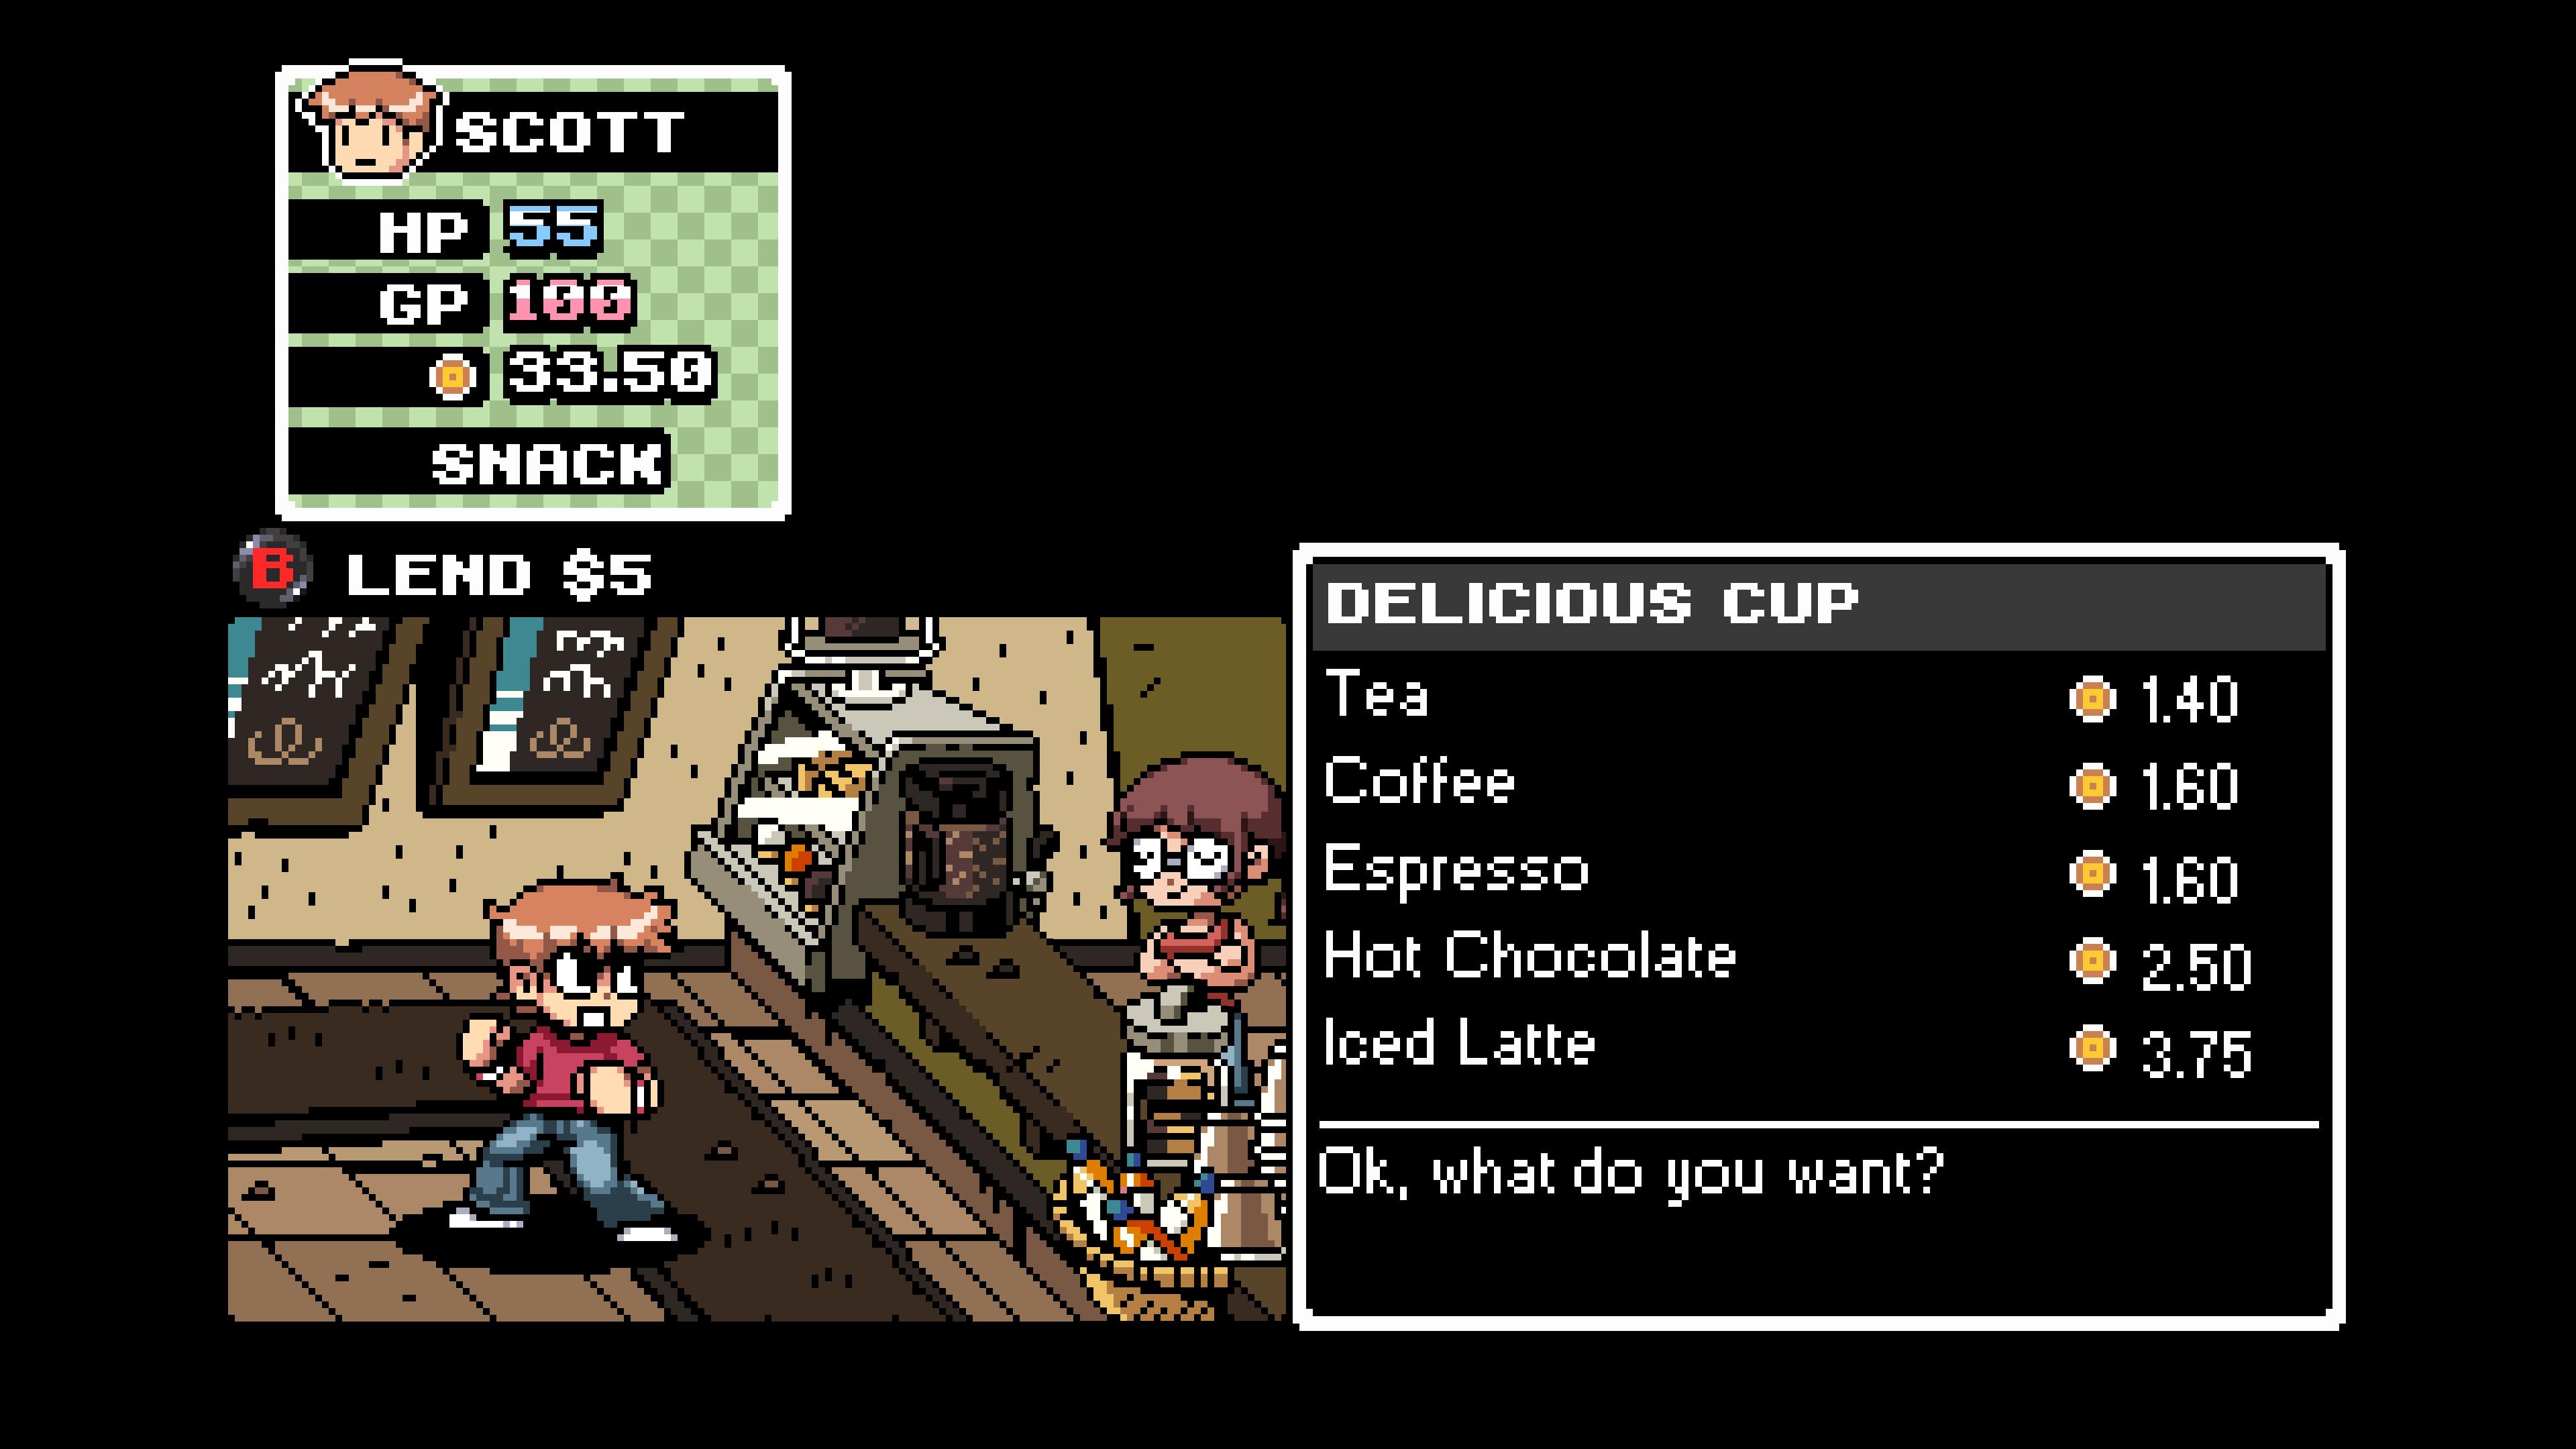 Récupérer son énergie demande de visiter un des nombreux restaurants du jeu.